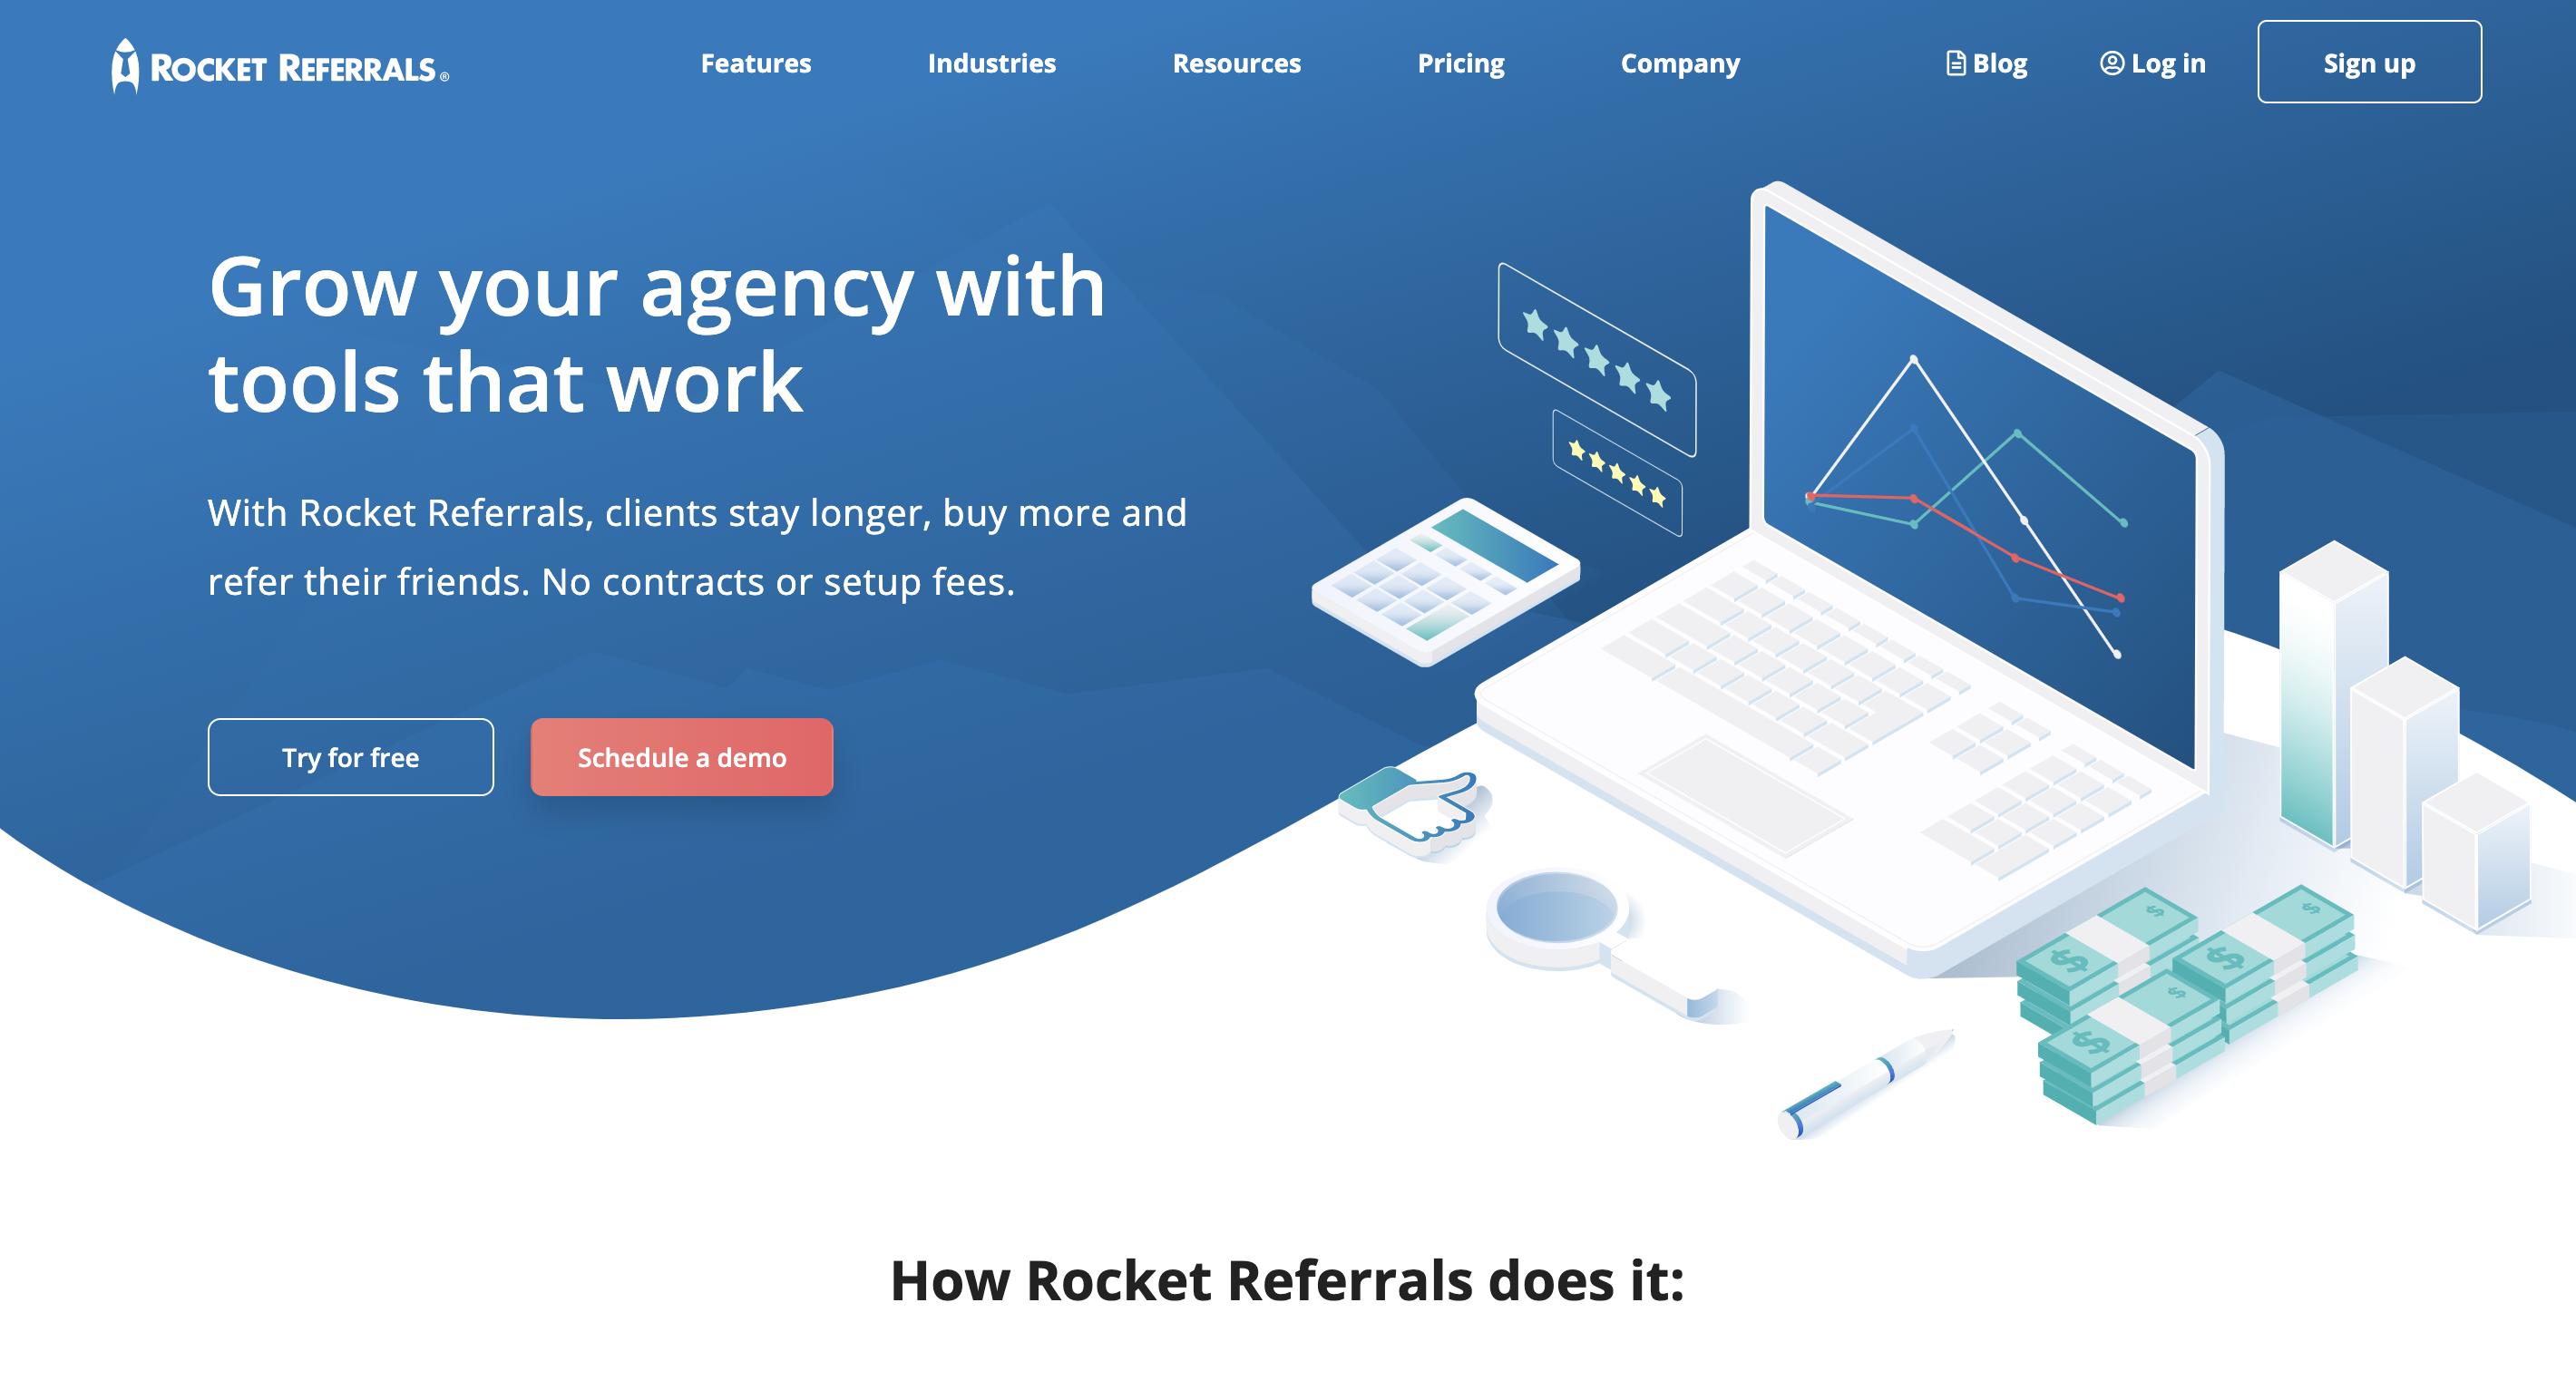 Rocket Referrals